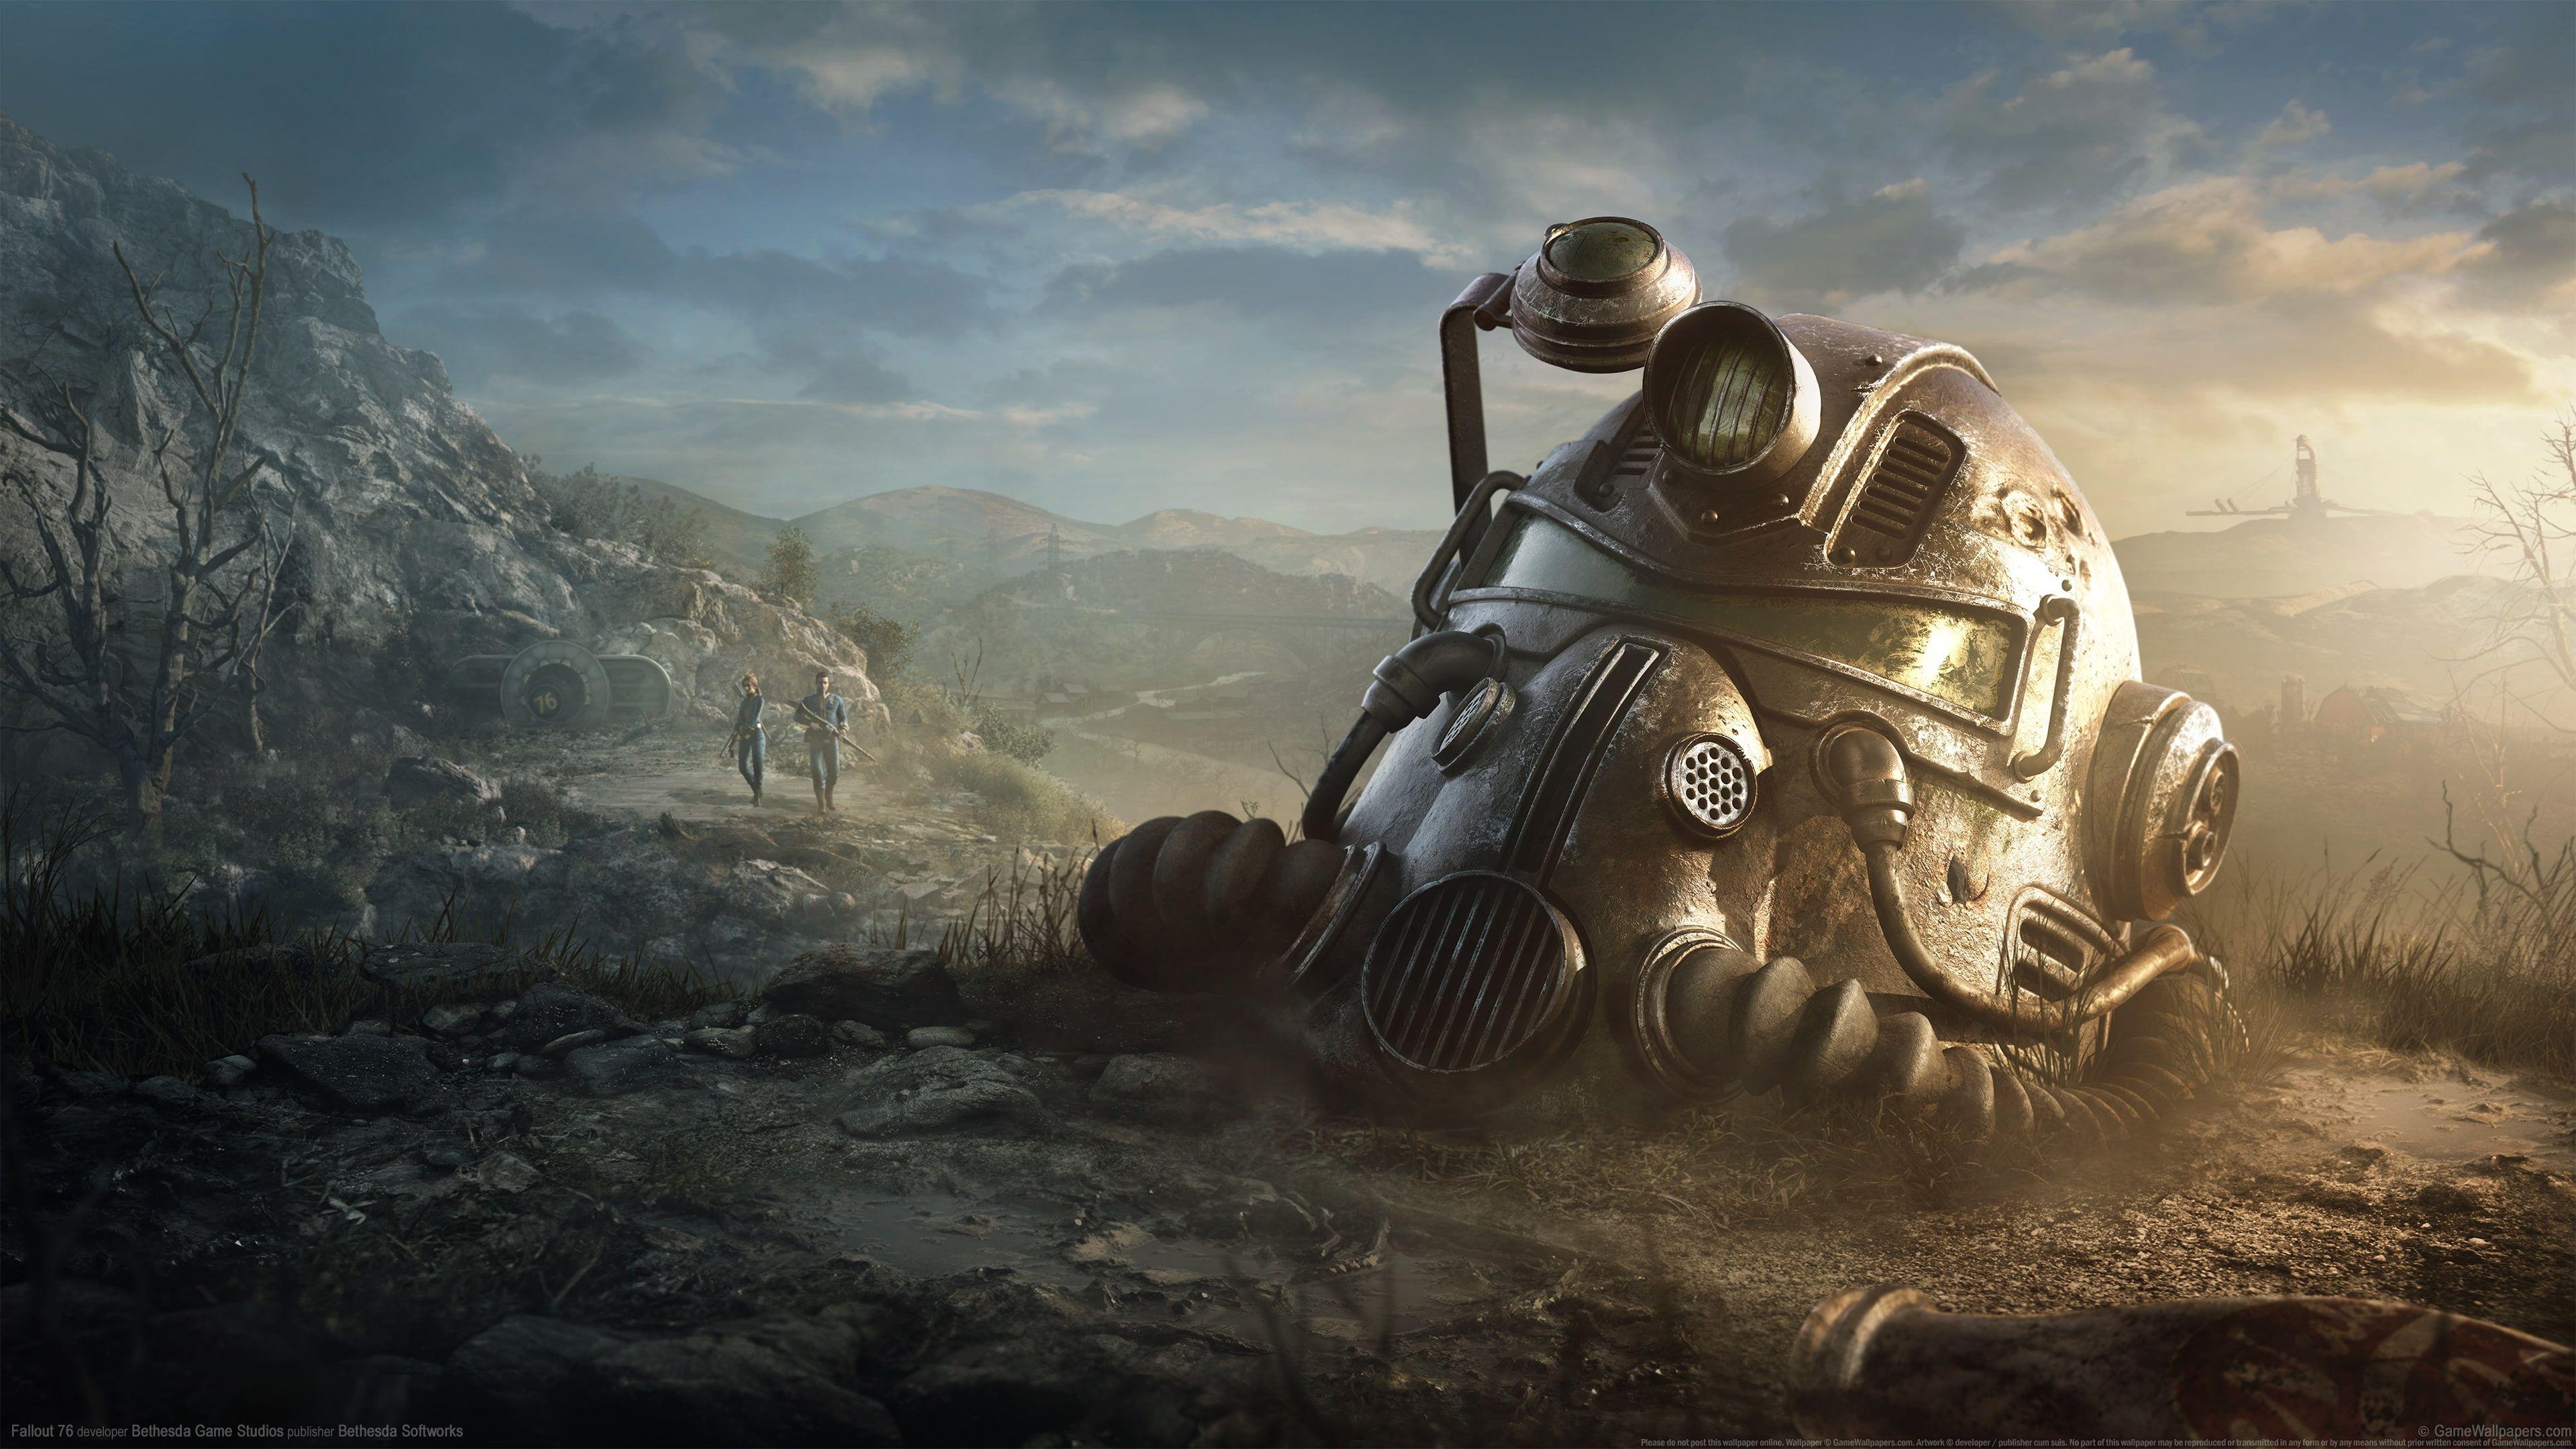 Video Games Fallout Fallout 76 4k Wallpaper Hdwallpaper Desktop Keys Art Poster Prints Fallout